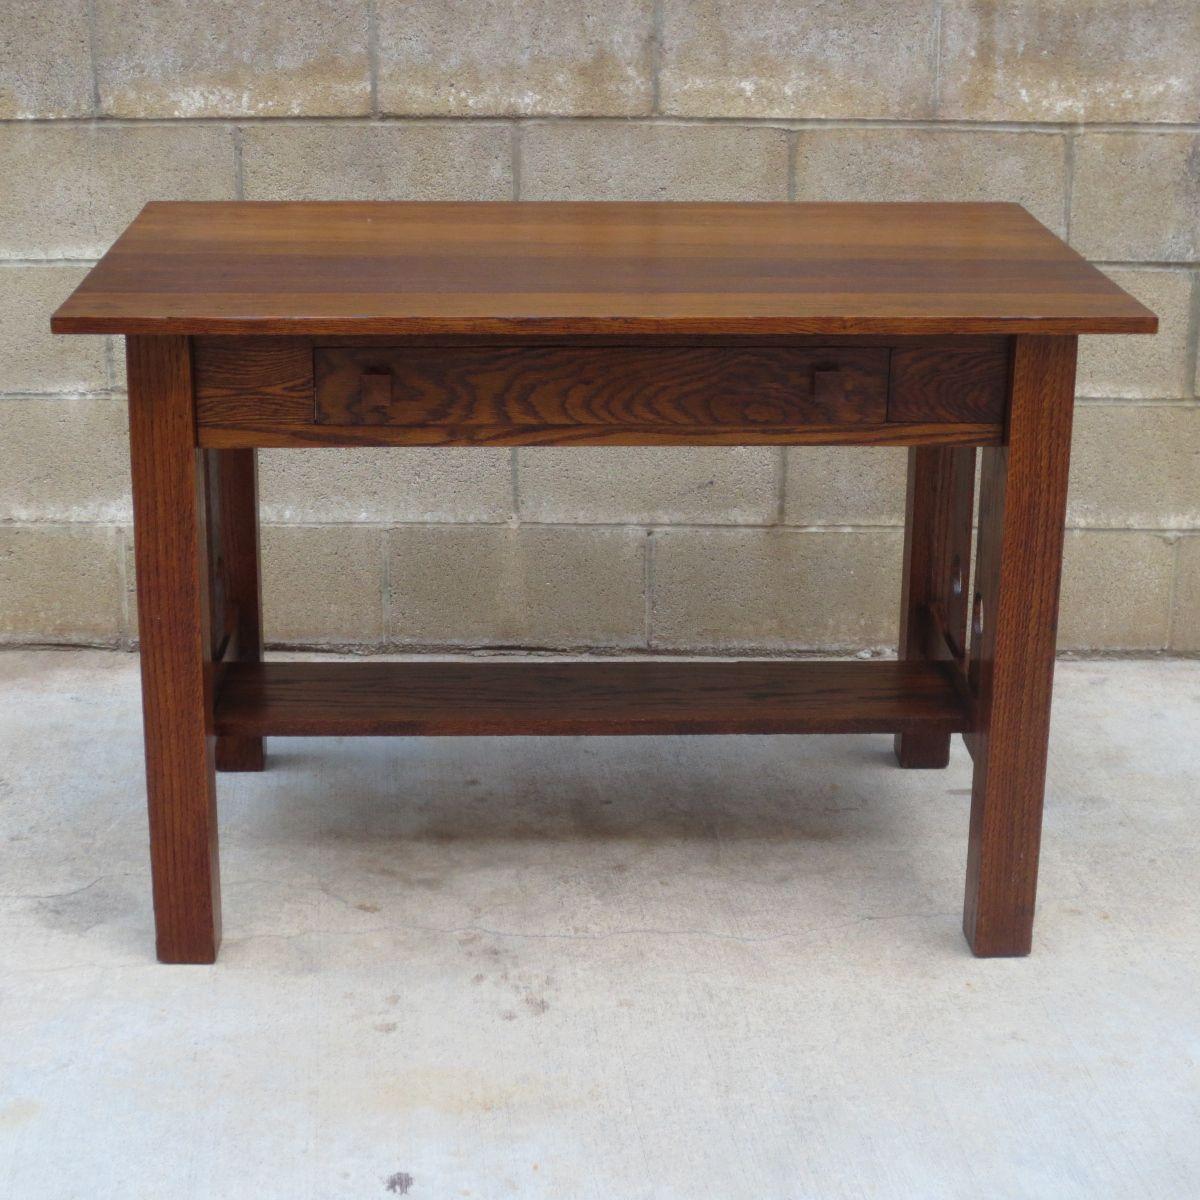 Antique Oak Writing Desk - Best Office Desk Chair Check more at http:// - Antique Oak Writing Desk - Best Office Desk Chair Check More At Http